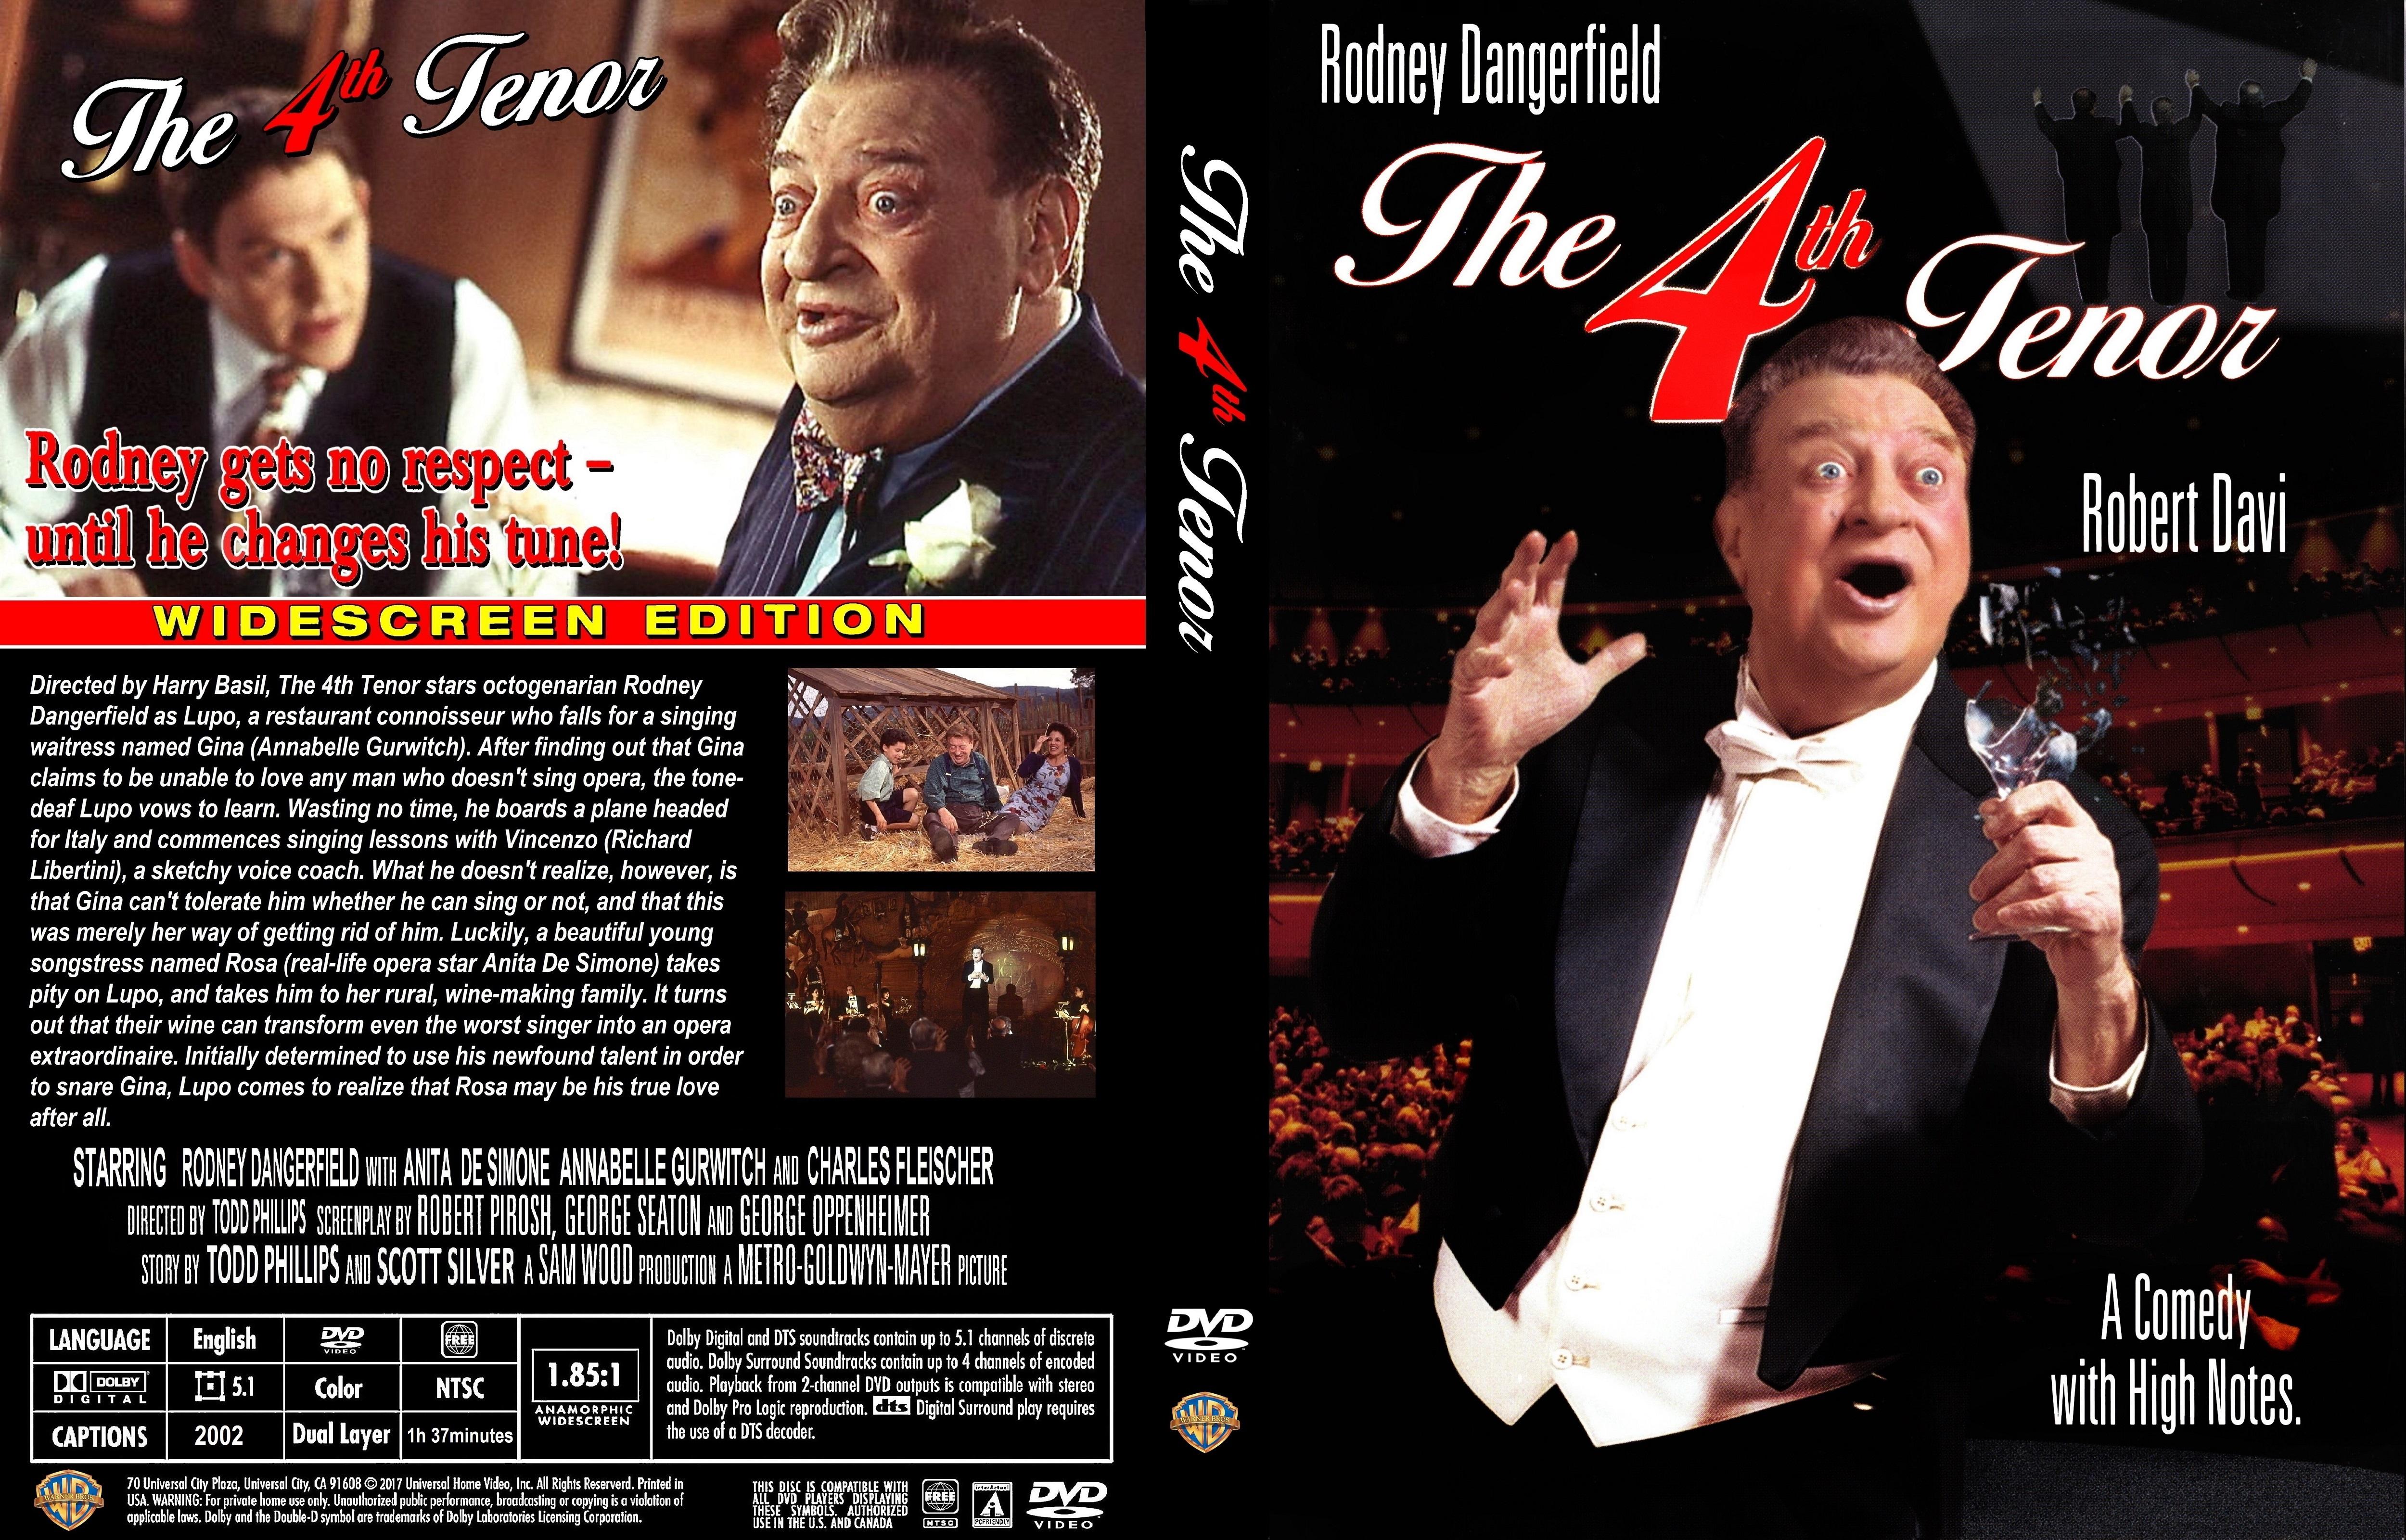 Rodney Dangerfield in The 4th Tenor (2002)